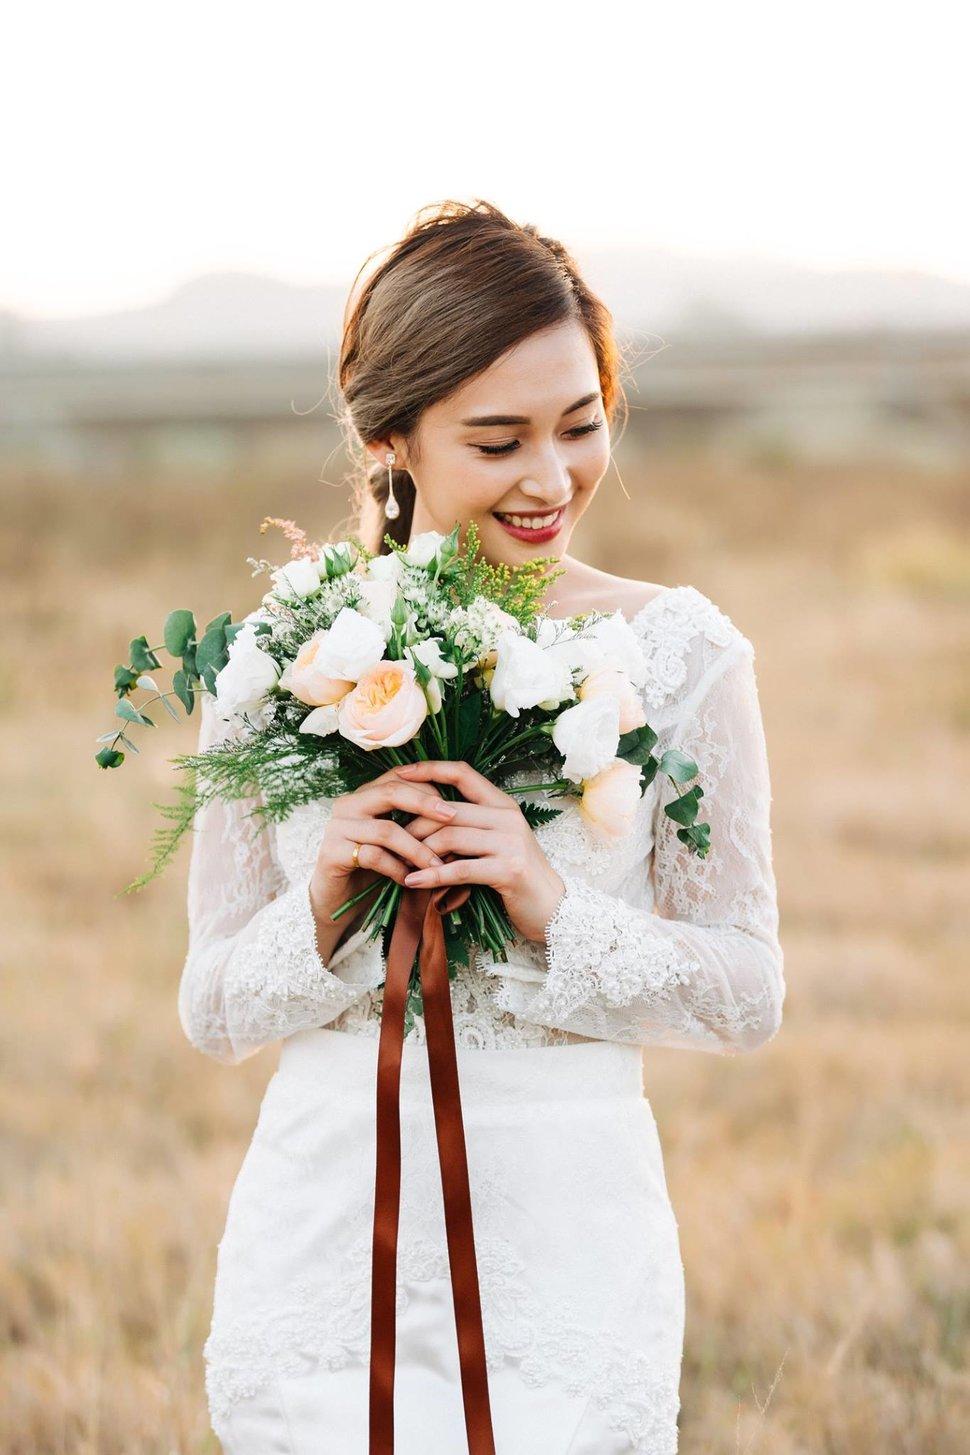 52104915_992431354213798_6107497980867117056_o - LINN  美式婚紗《結婚吧》